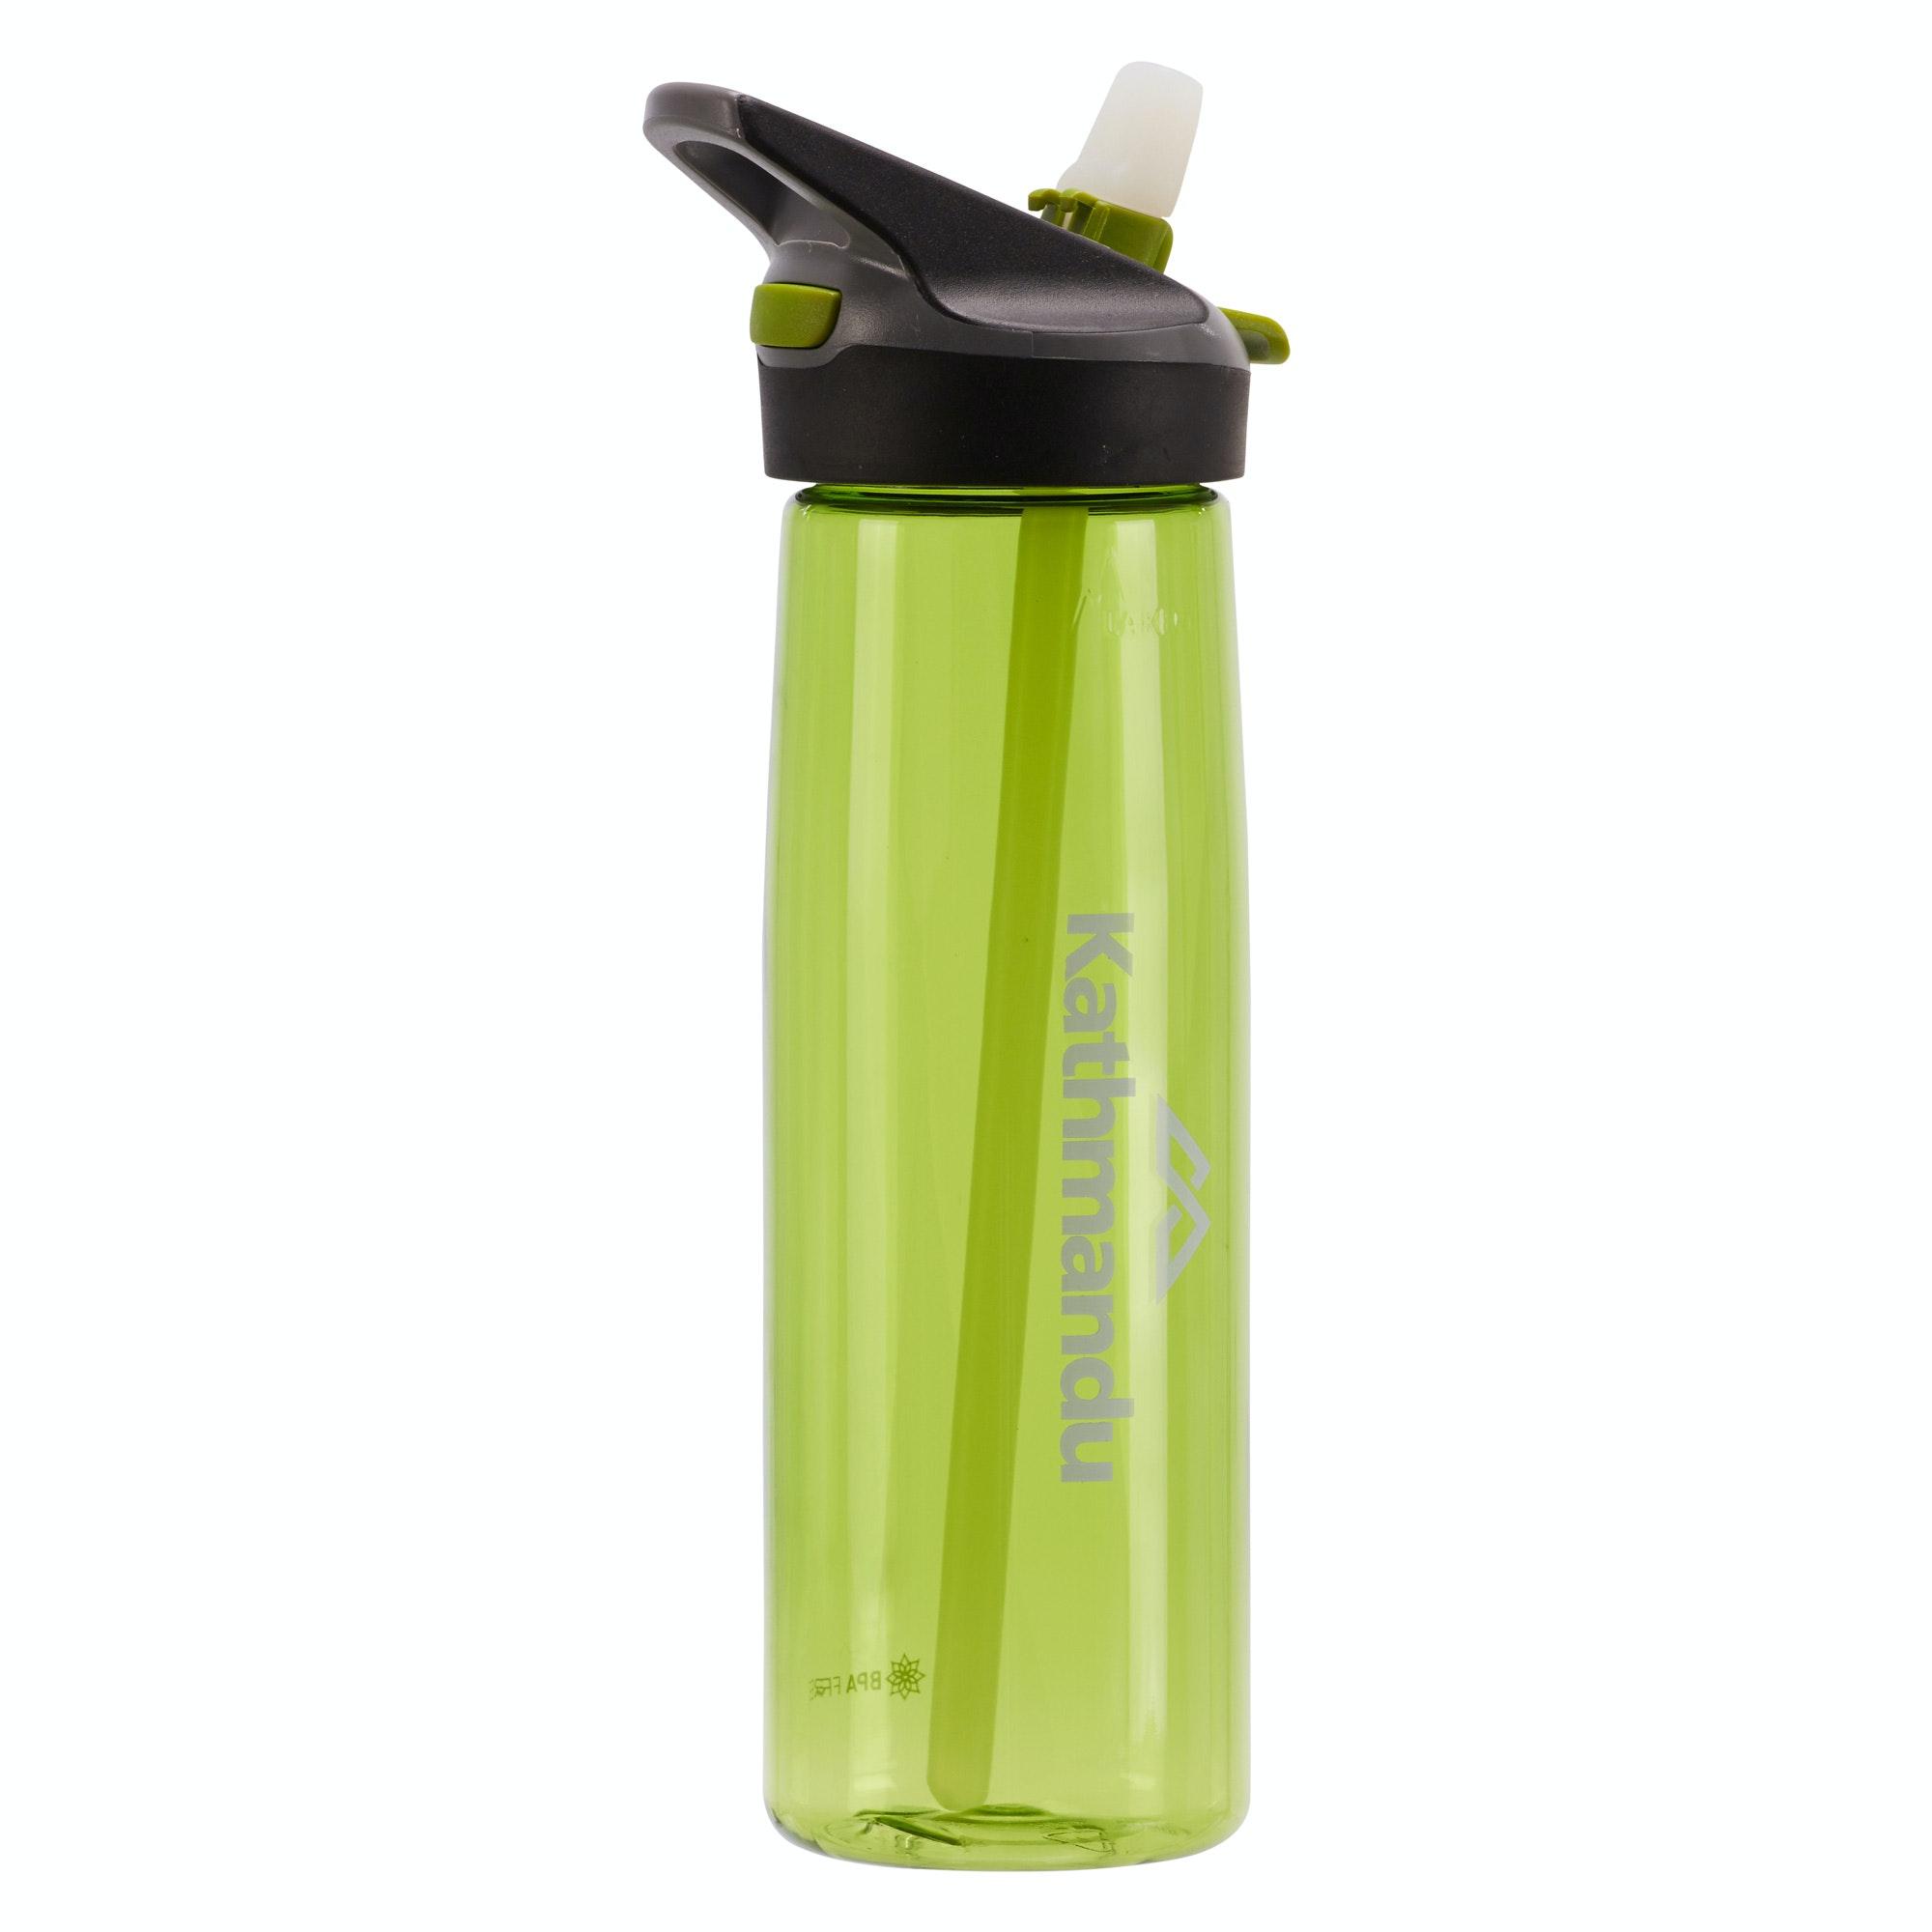 Sports Sipper Bottle: Kathmandu Flipspout BPA Free 750mL Sports Gym Sipper Straw